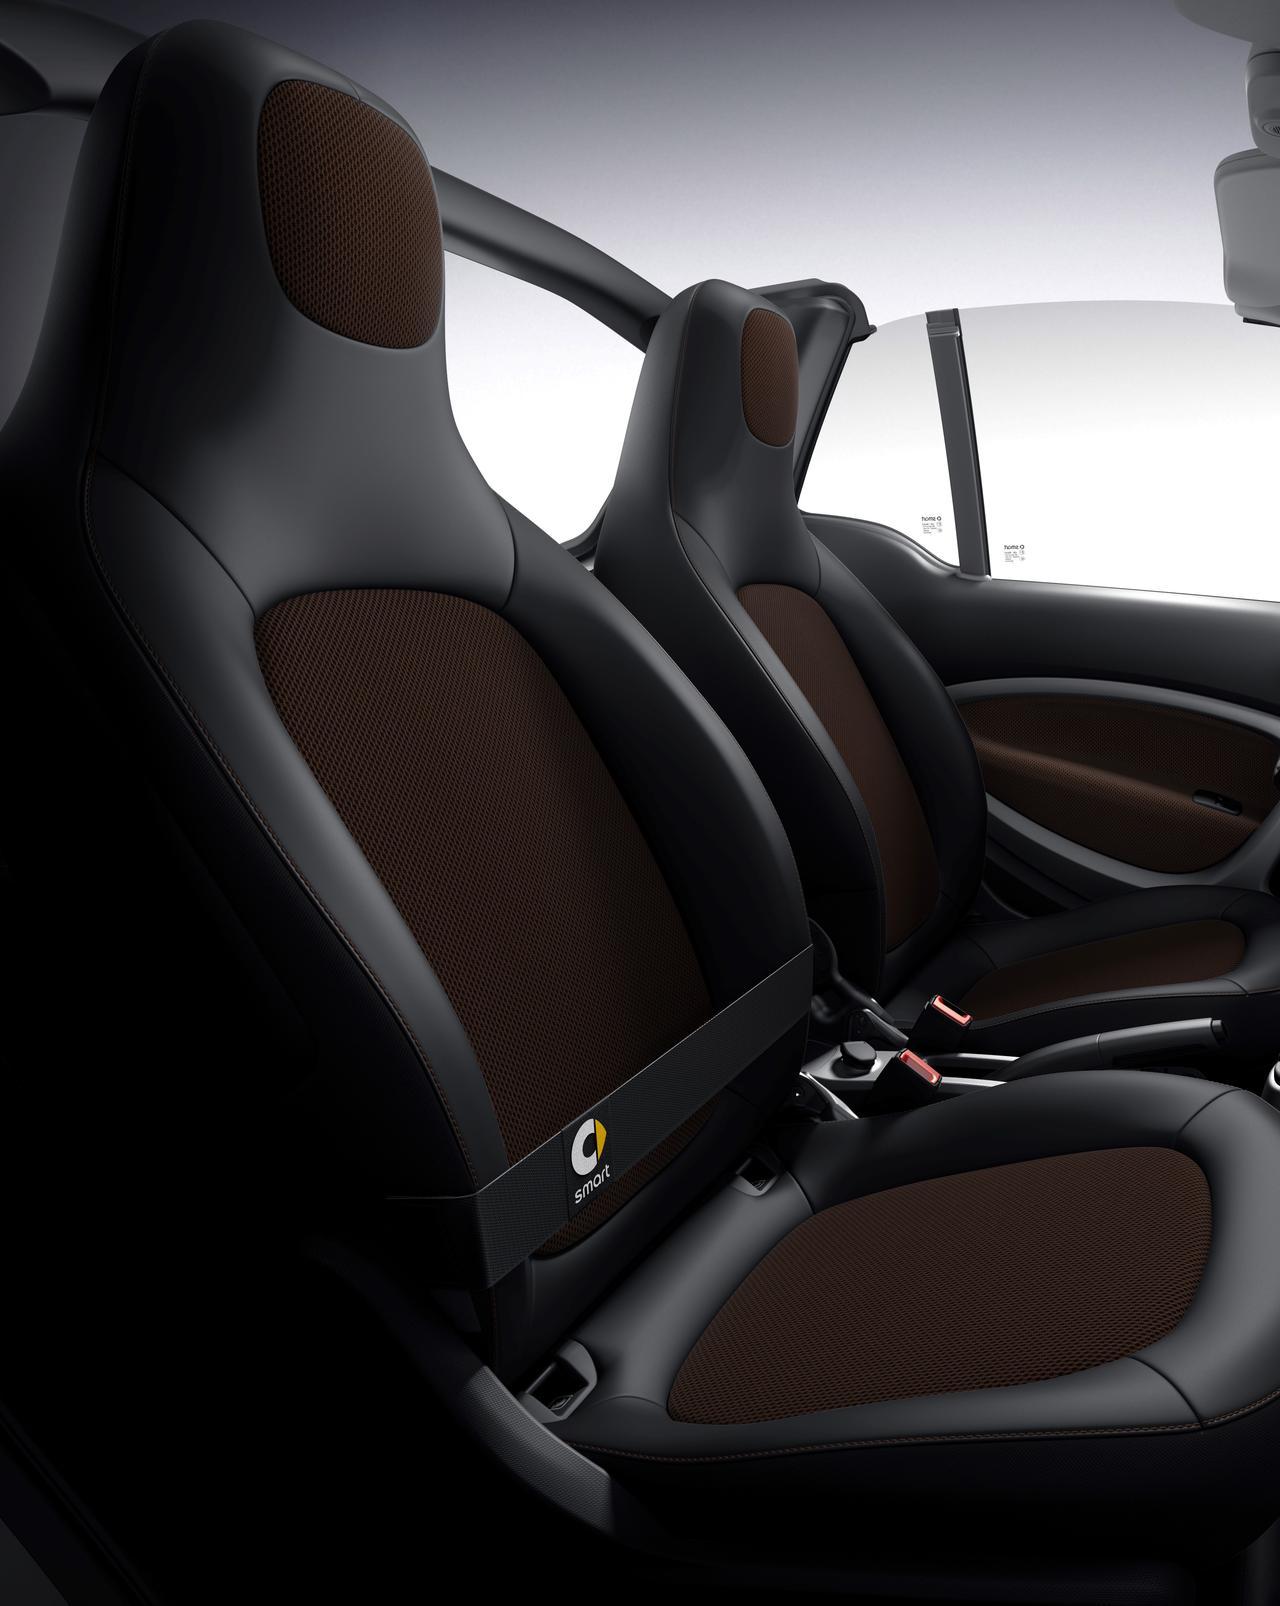 Images : 7番目の画像 - 「smart最後のガソリンモデル! 特別仕様車「スマートfortwo ブラックシルバーエディション」「スマートcabrio ホワイトブラウンエディション」発売」のアルバム - Webモーターマガジン